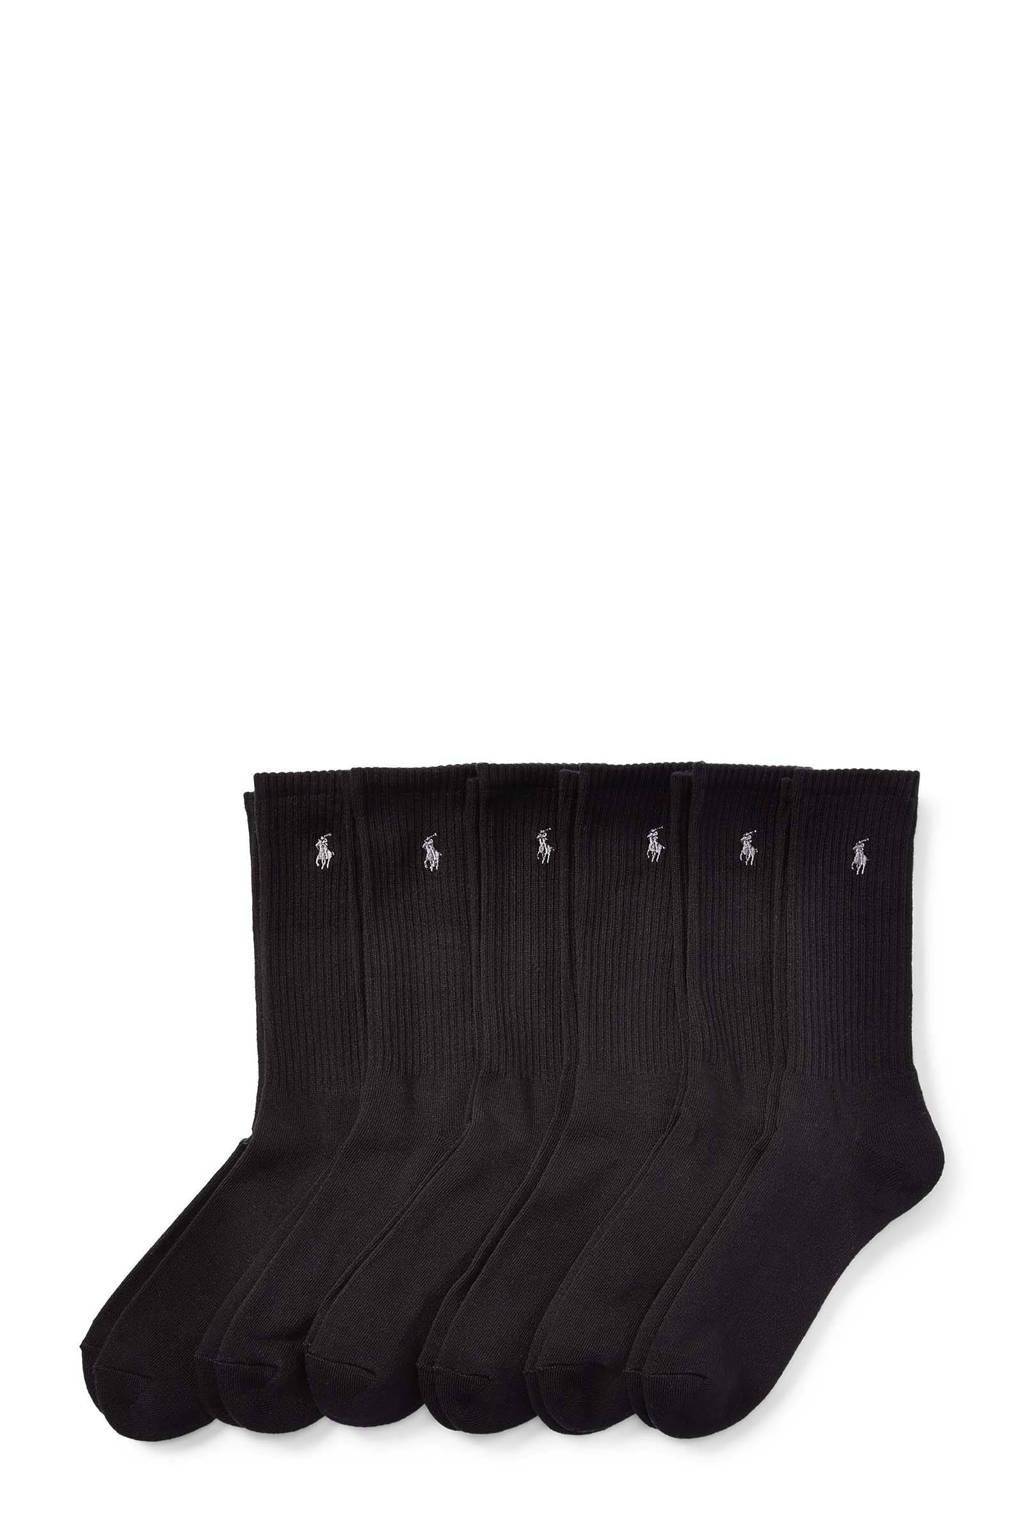 Ralph Lauren sokken Crew - set van 6 zwart, Zwart